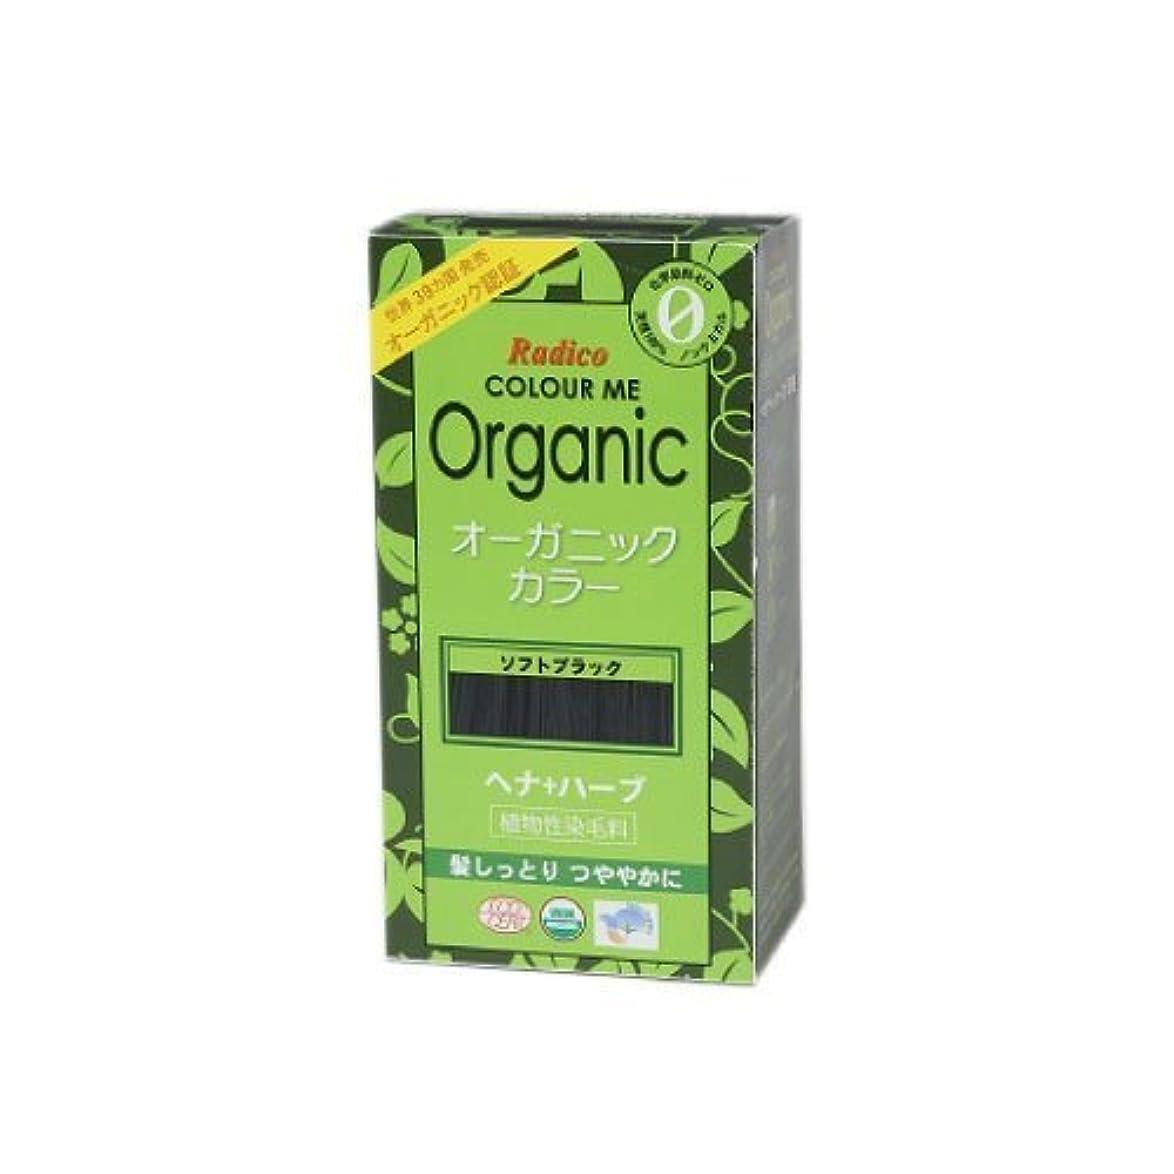 にんじん変形探検COLOURME Organic (カラーミーオーガニック ヘナ 白髪用 髪色戻し) ソフトブラック 100g